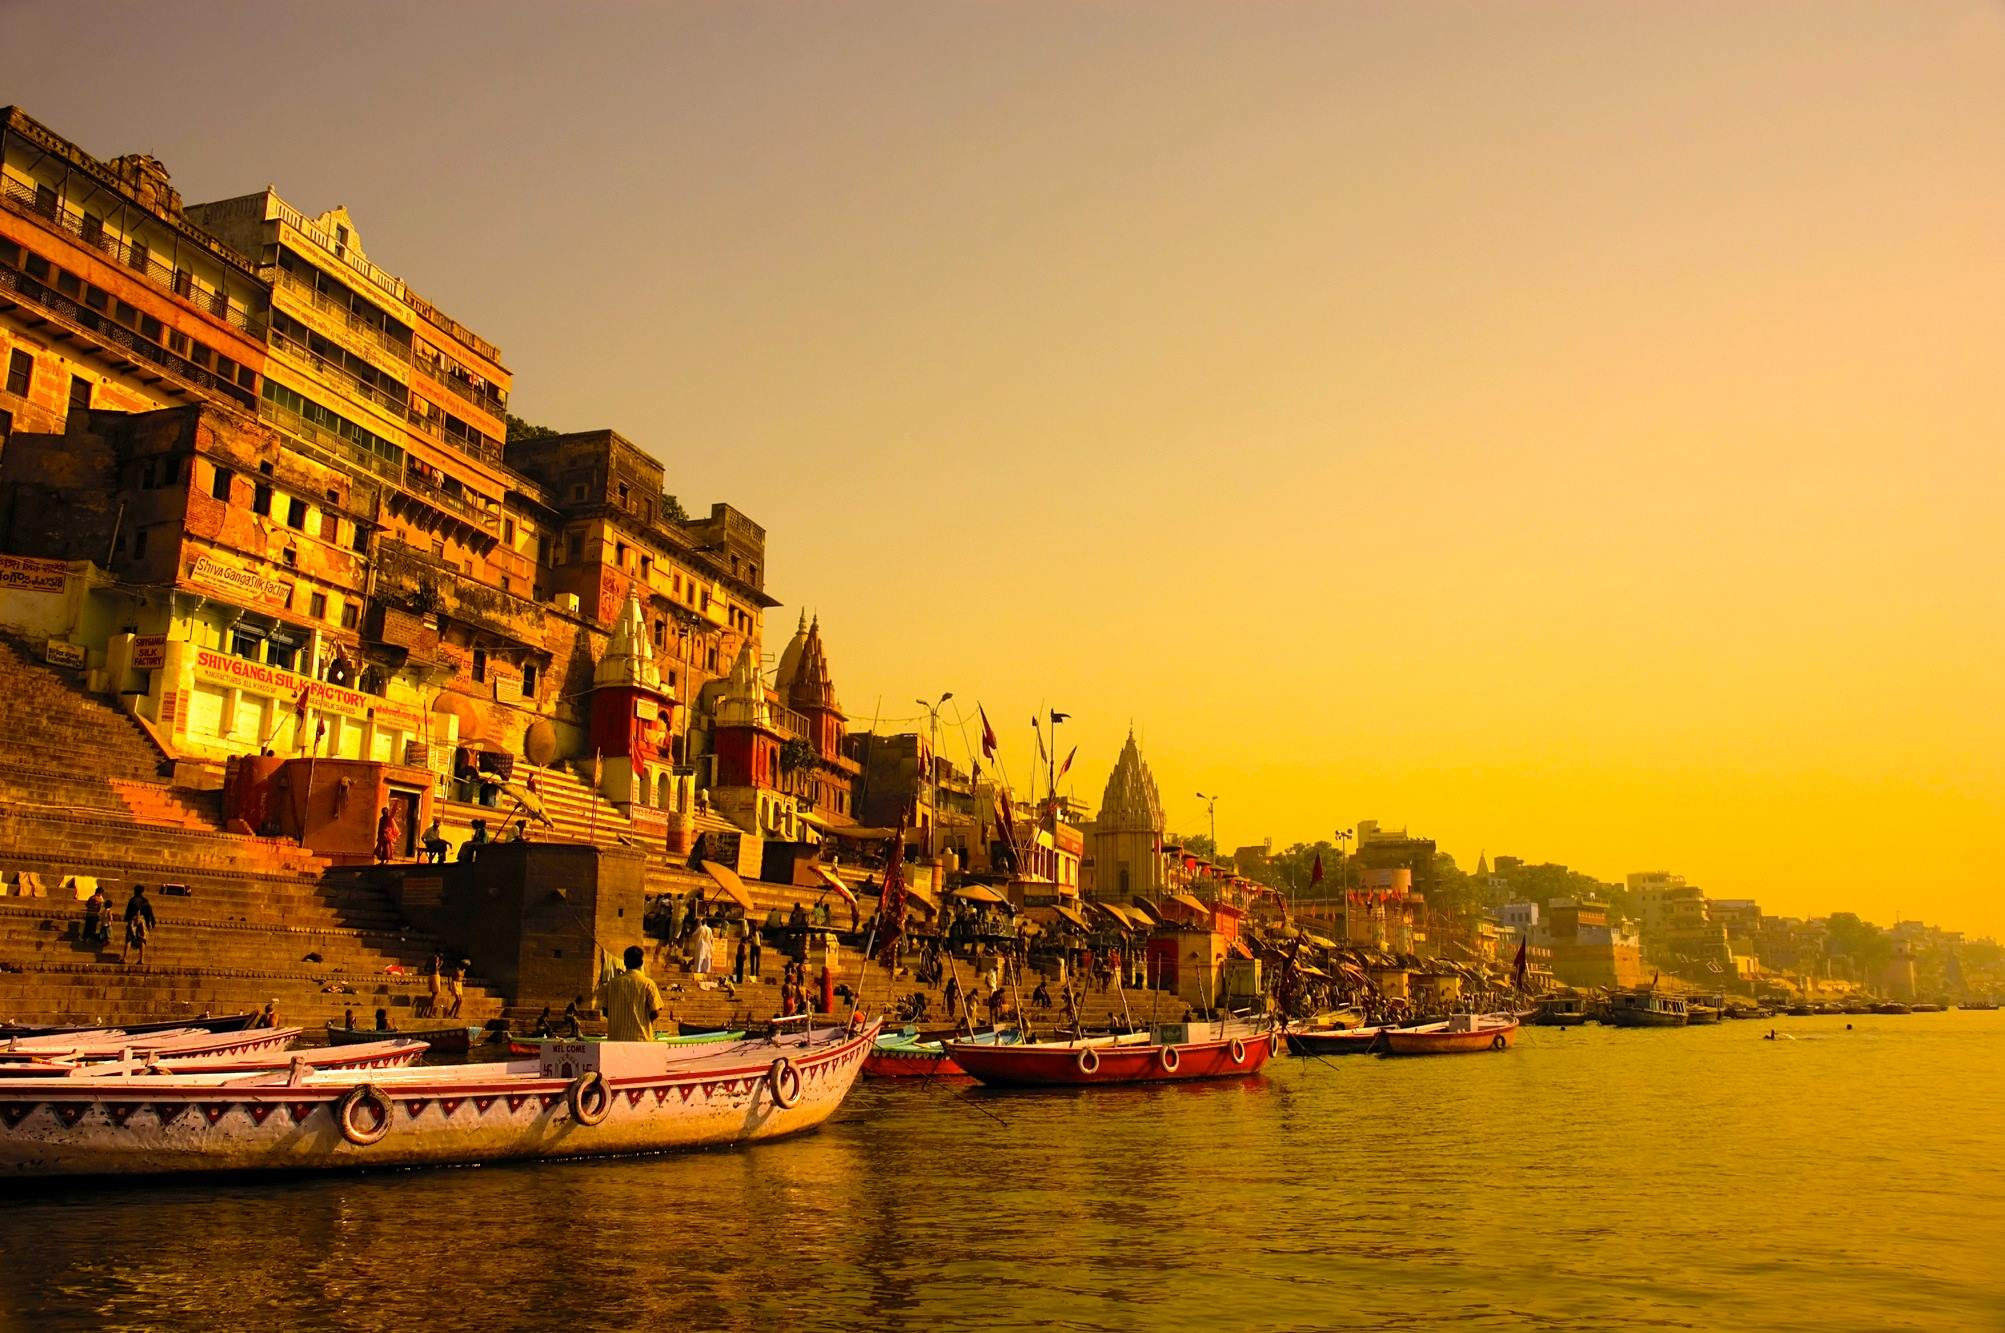 Jours 12 : Khajuraho – Varanasi (vol inter 1 h de vol)